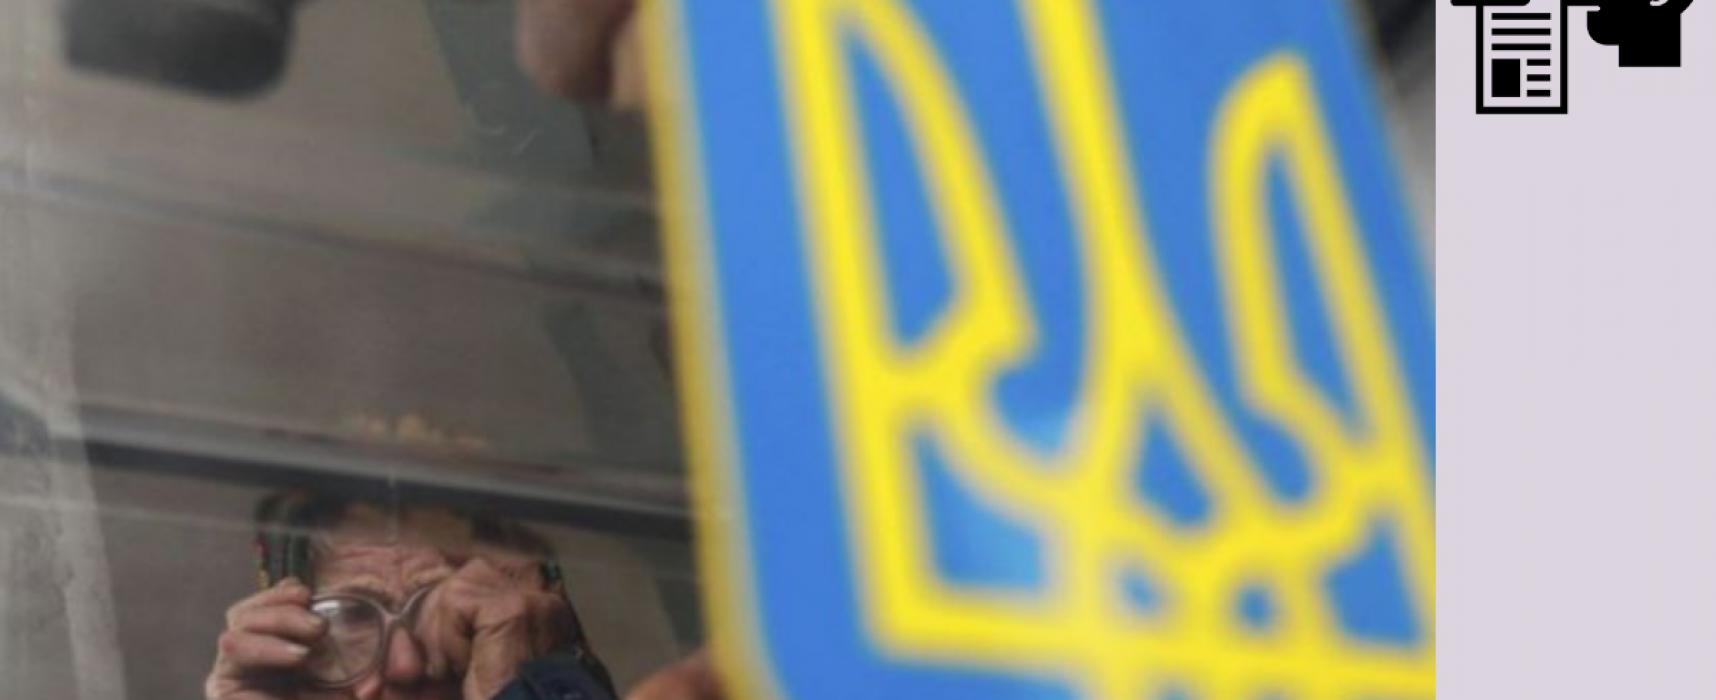 Фейк: Крымчане проигнорировали выборы президента Украины